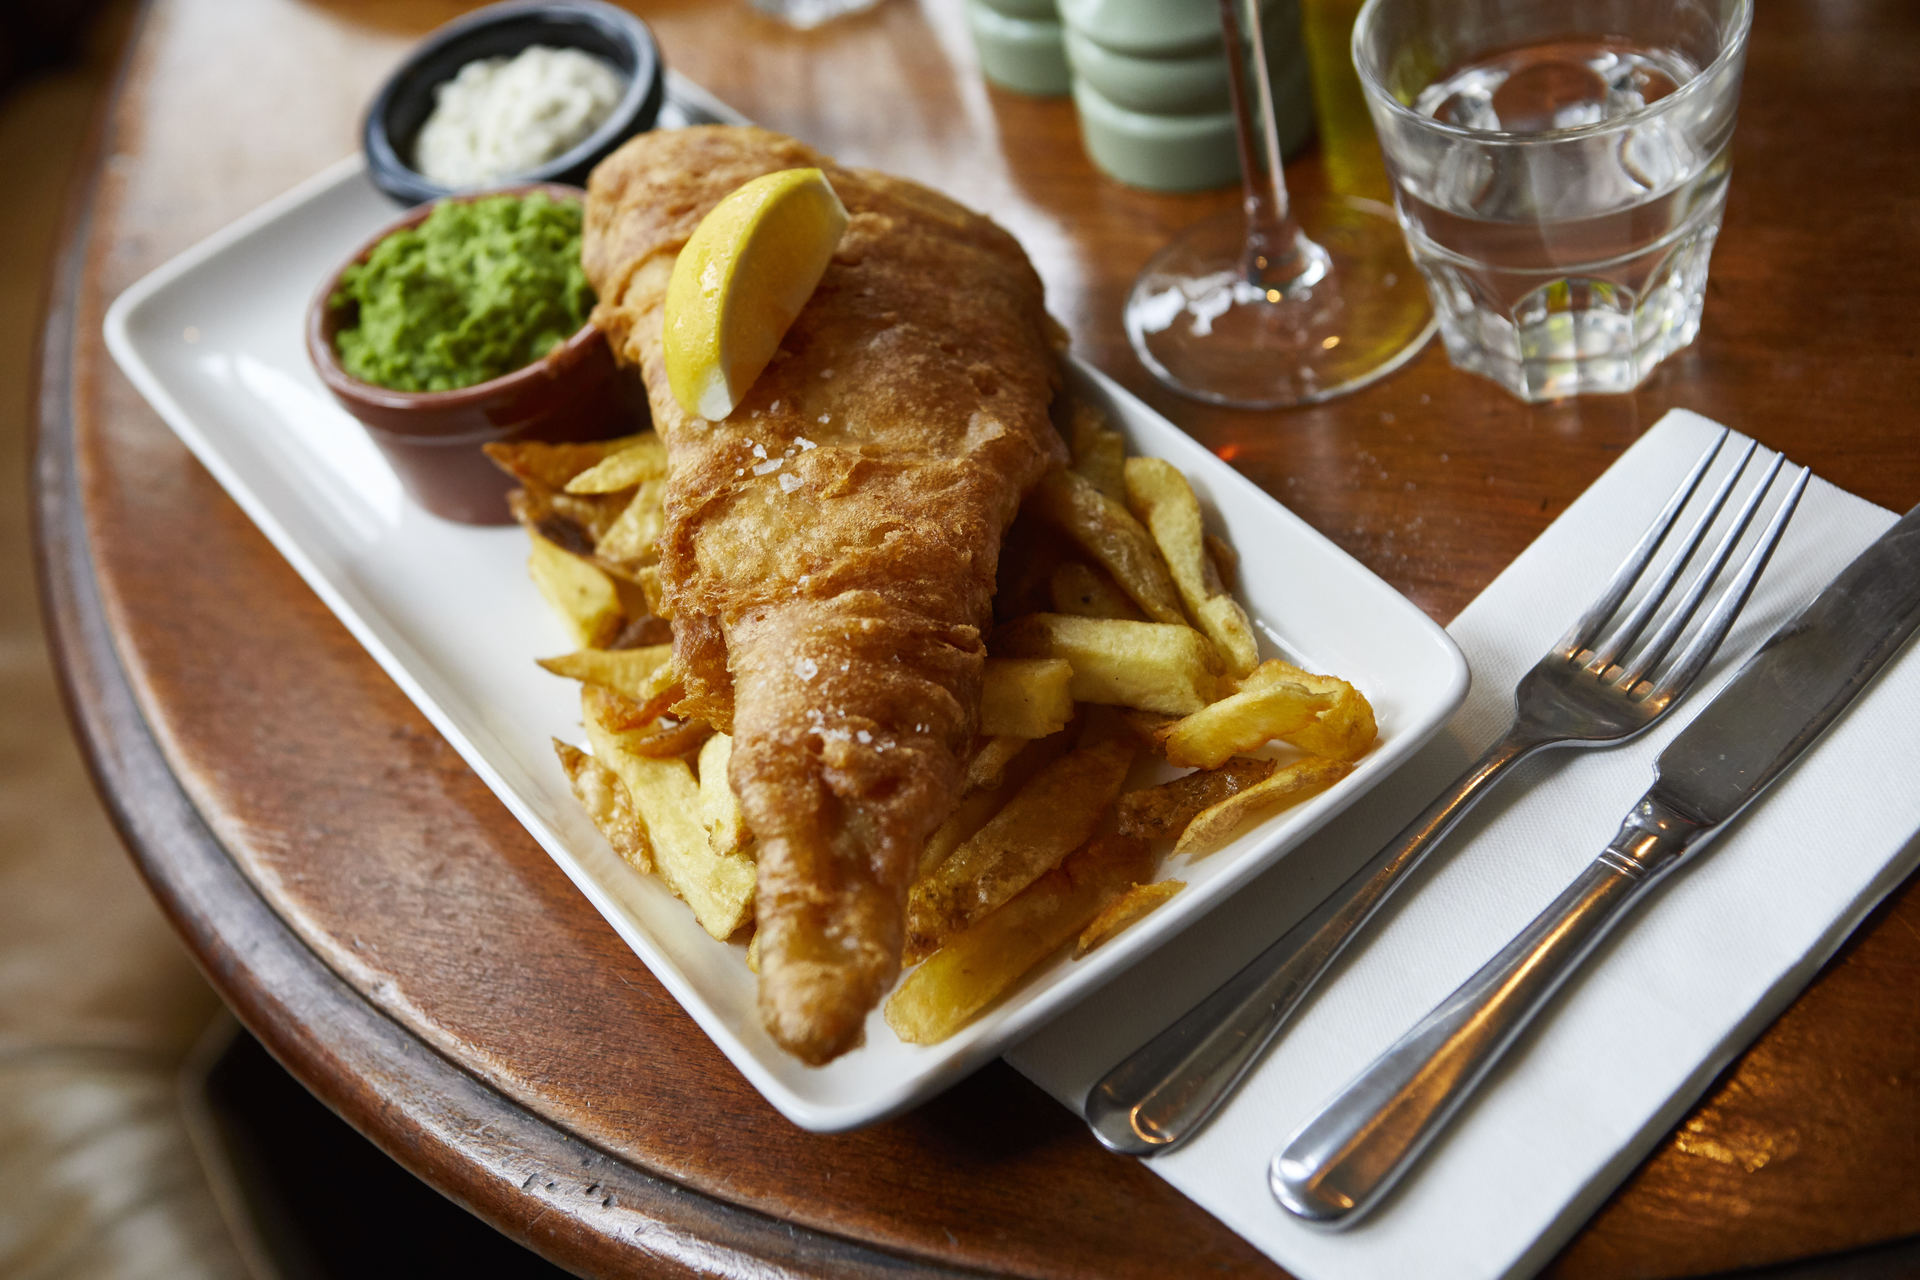 традиционная еда в лондоне того, чтобы научиться